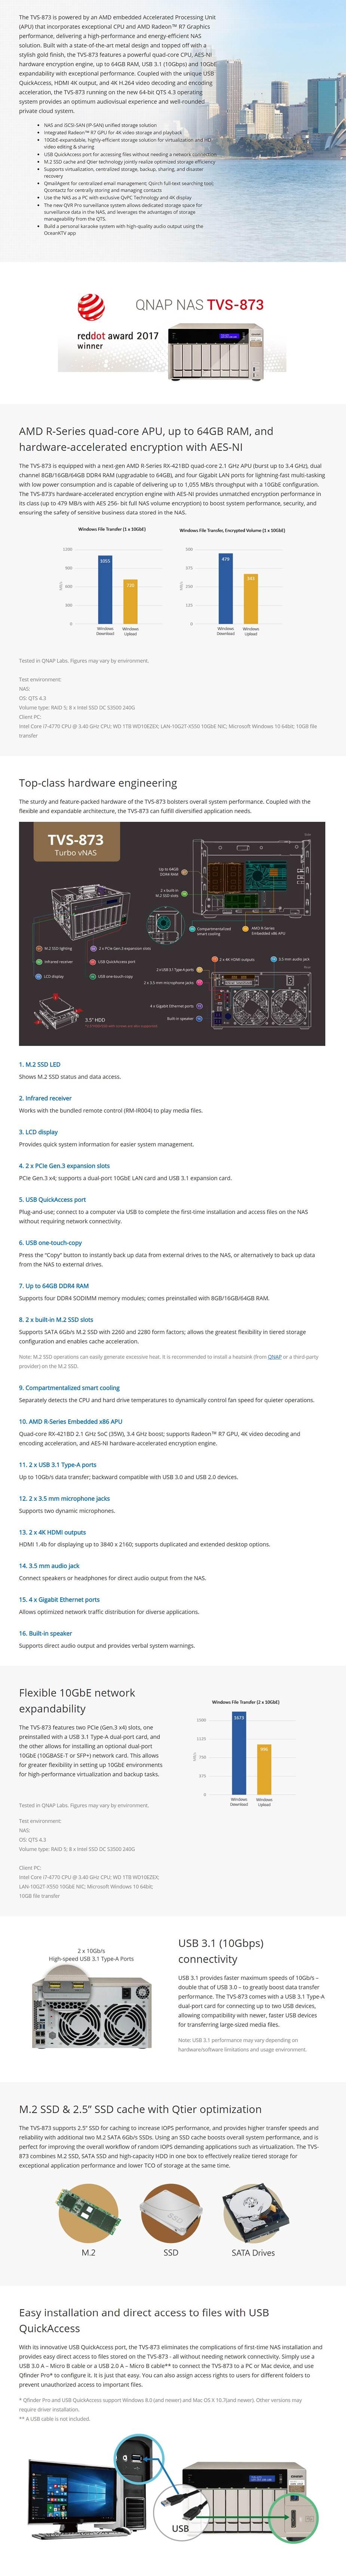 QNAP TVS-873-8G 8-Bay Diskless NAS - AMD RX-421BD Quad Core CPU 8GB